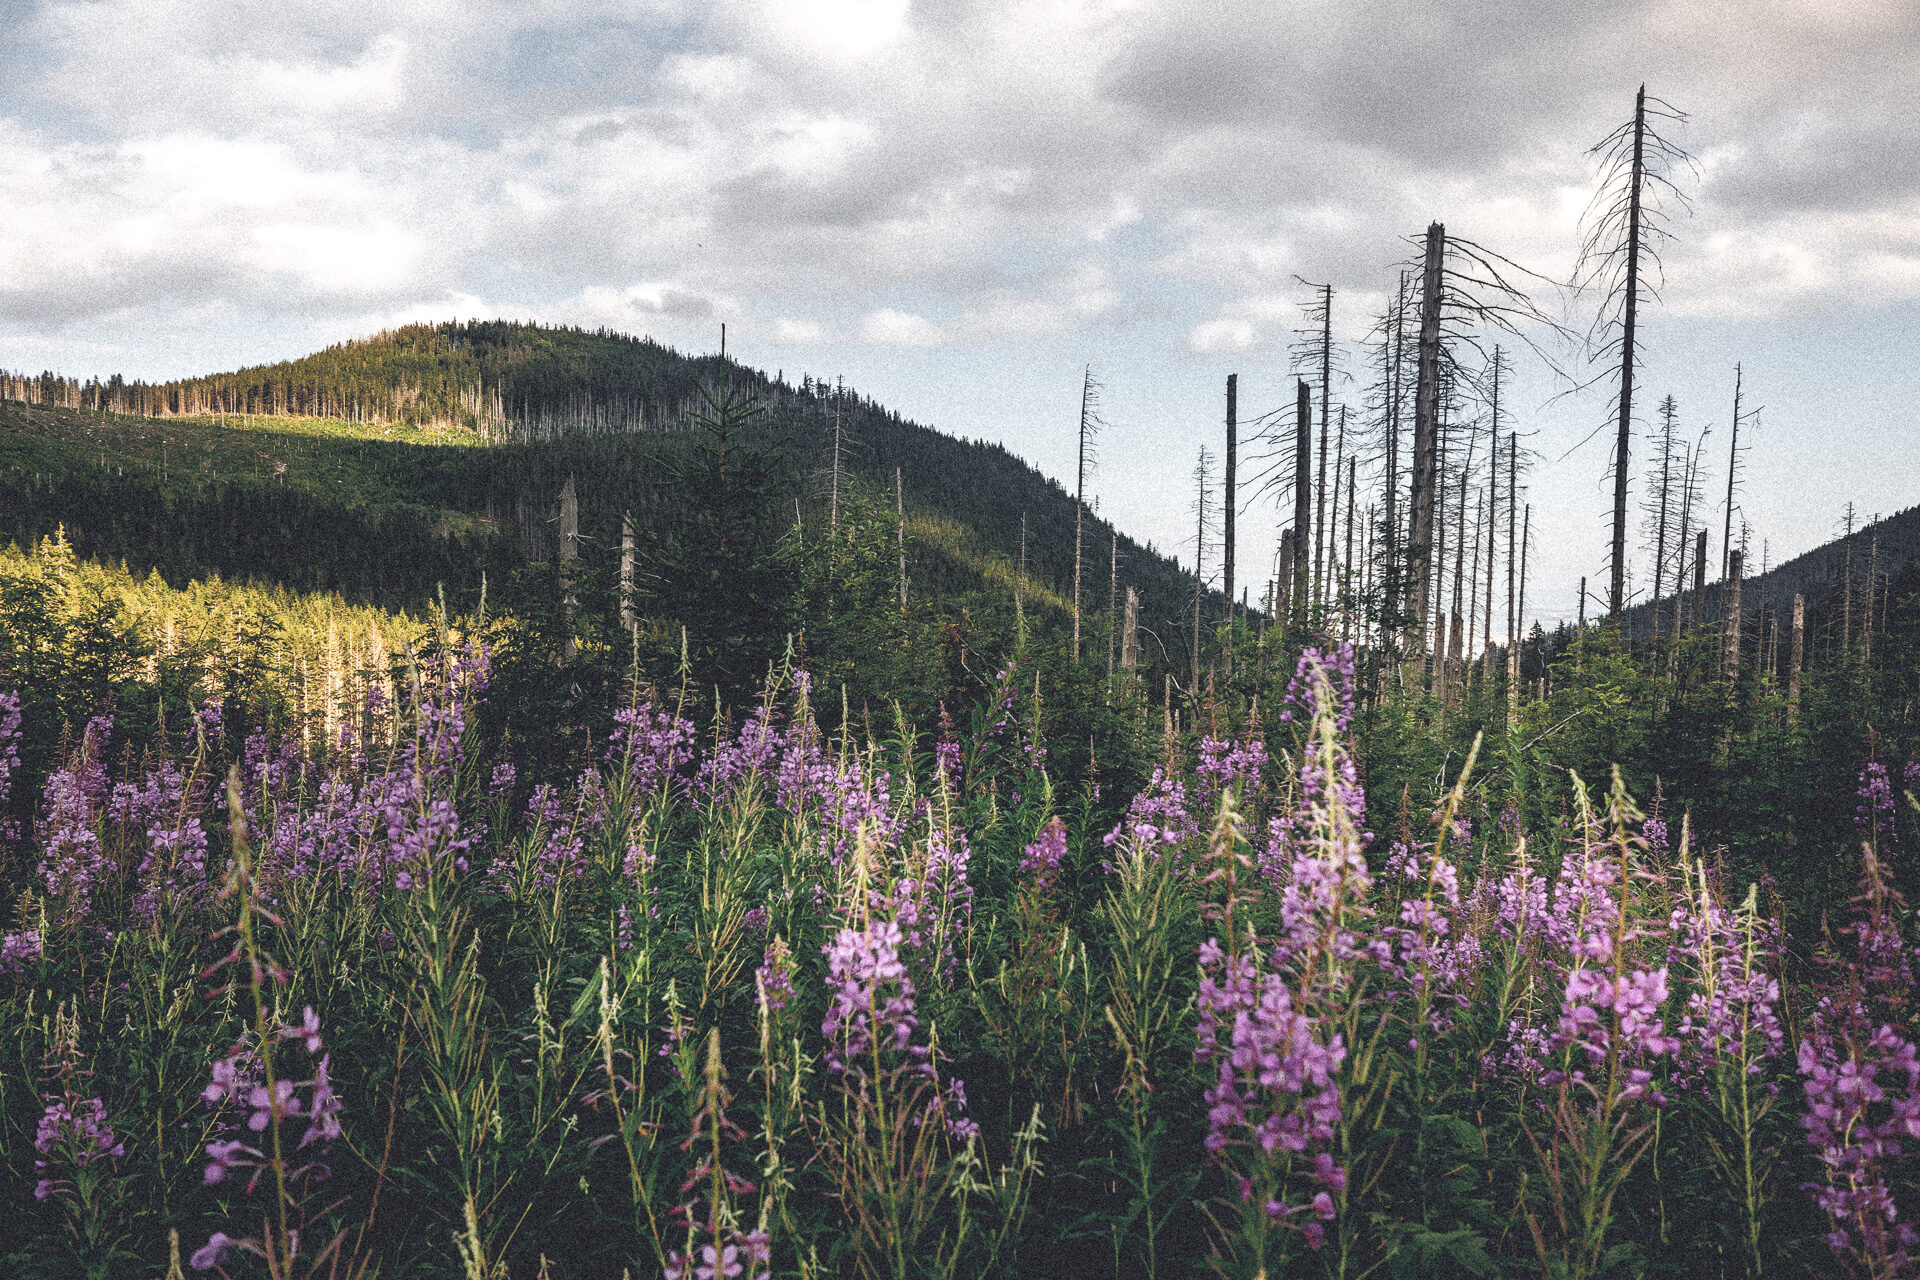 Sich regenerierender Wald in der Hohen Tatra